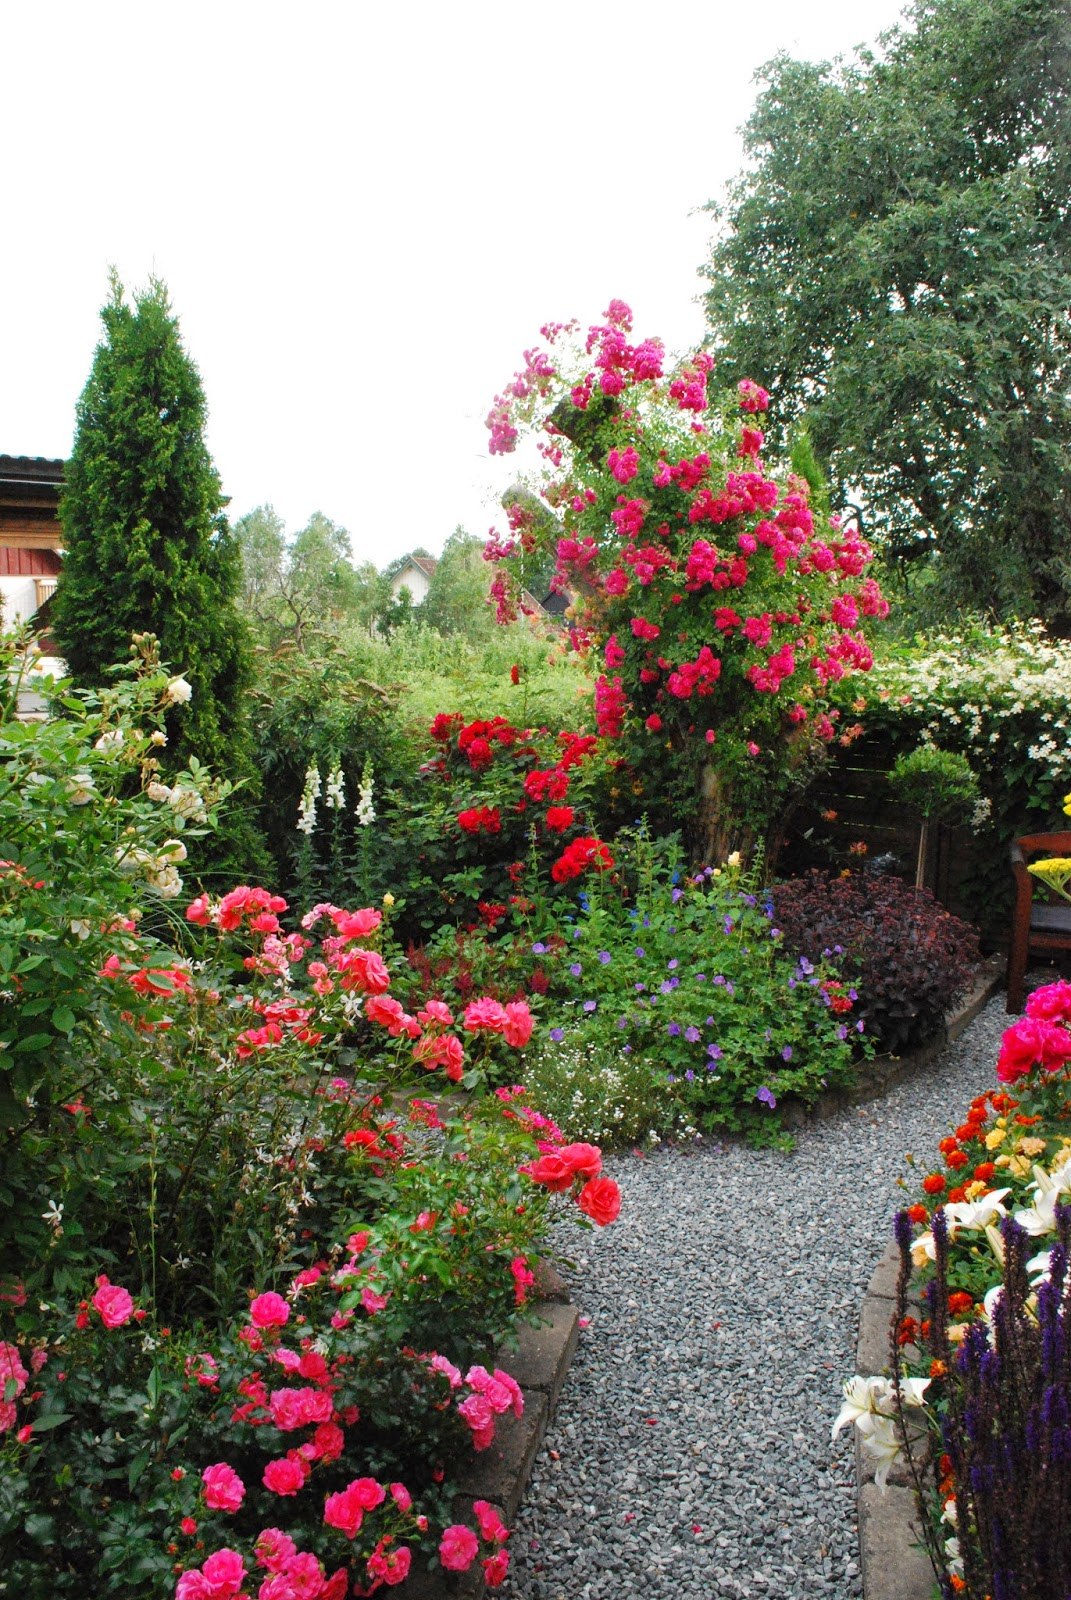 Merjas trädgård: 2014 jul 18